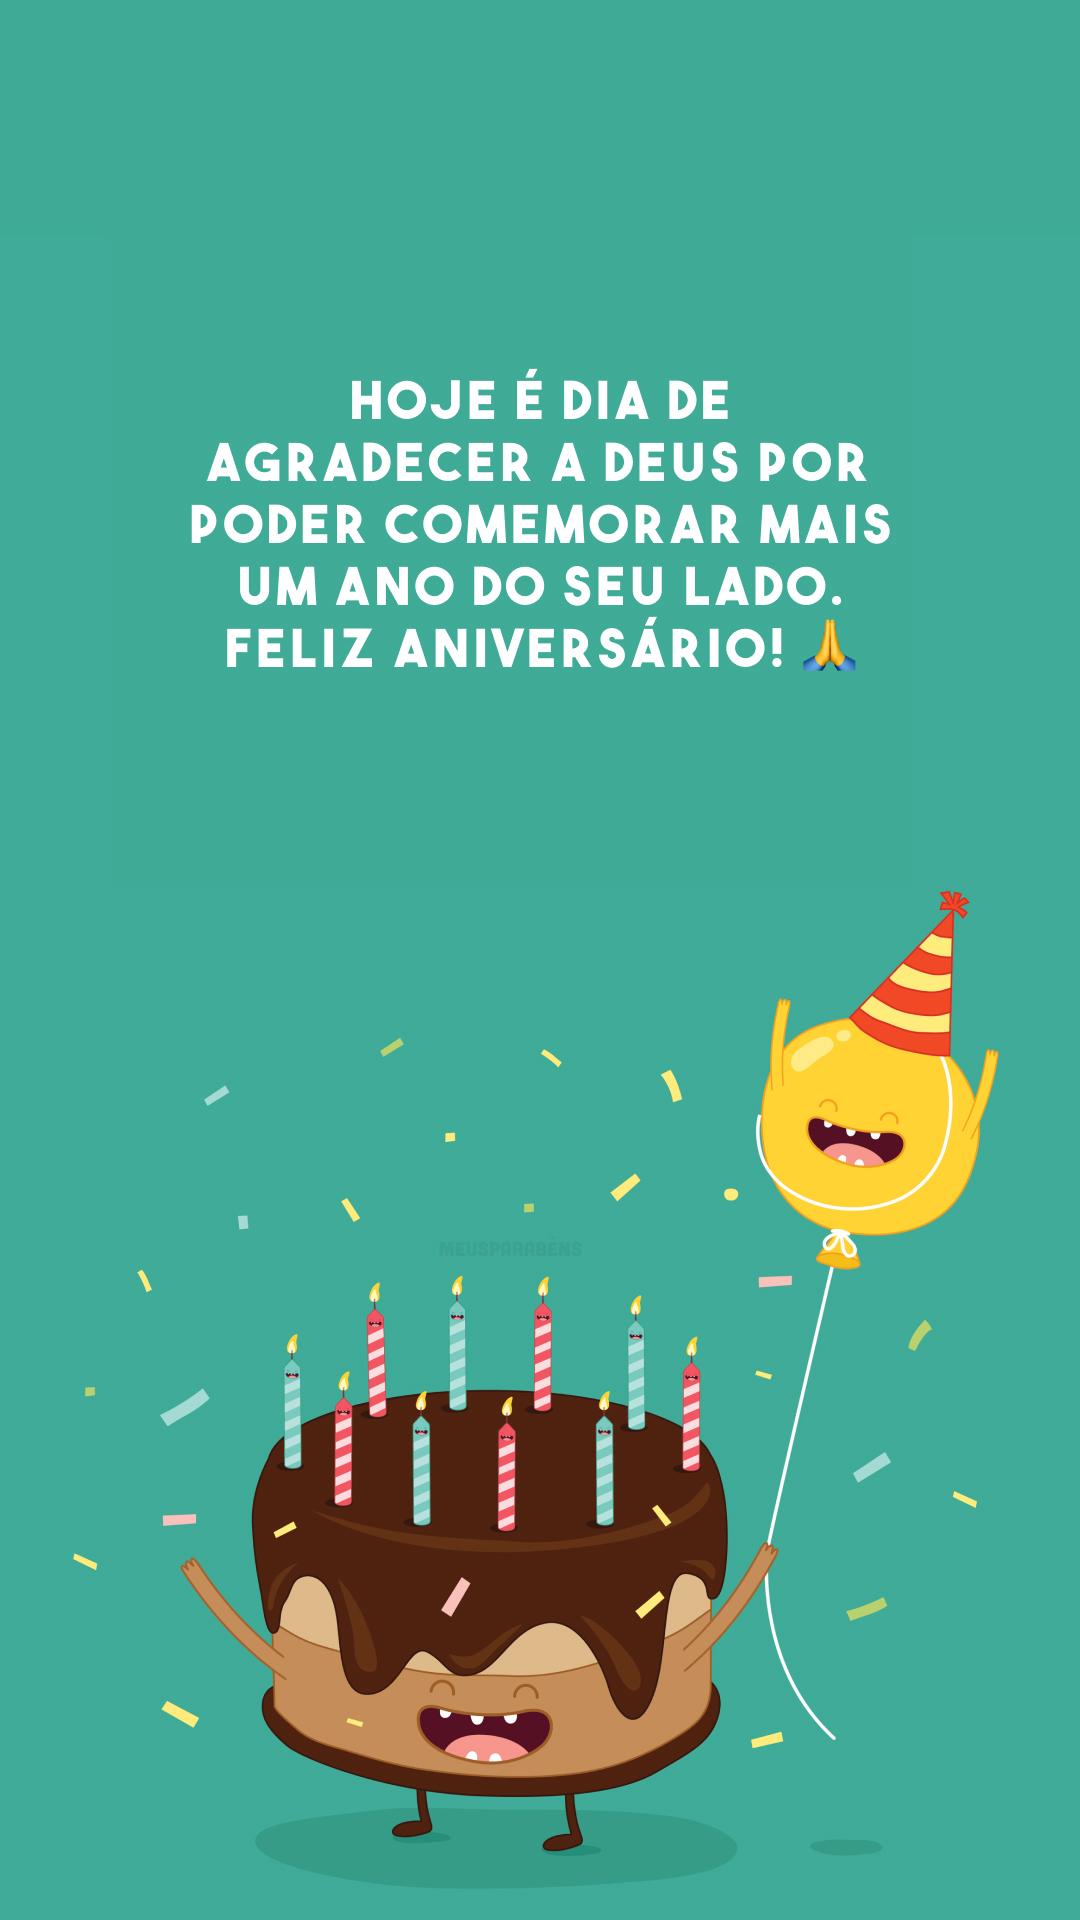 Hoje é dia de agradecer a Deus por poder comemorar mais um ano do seu lado. Feliz aniversário! 🙏